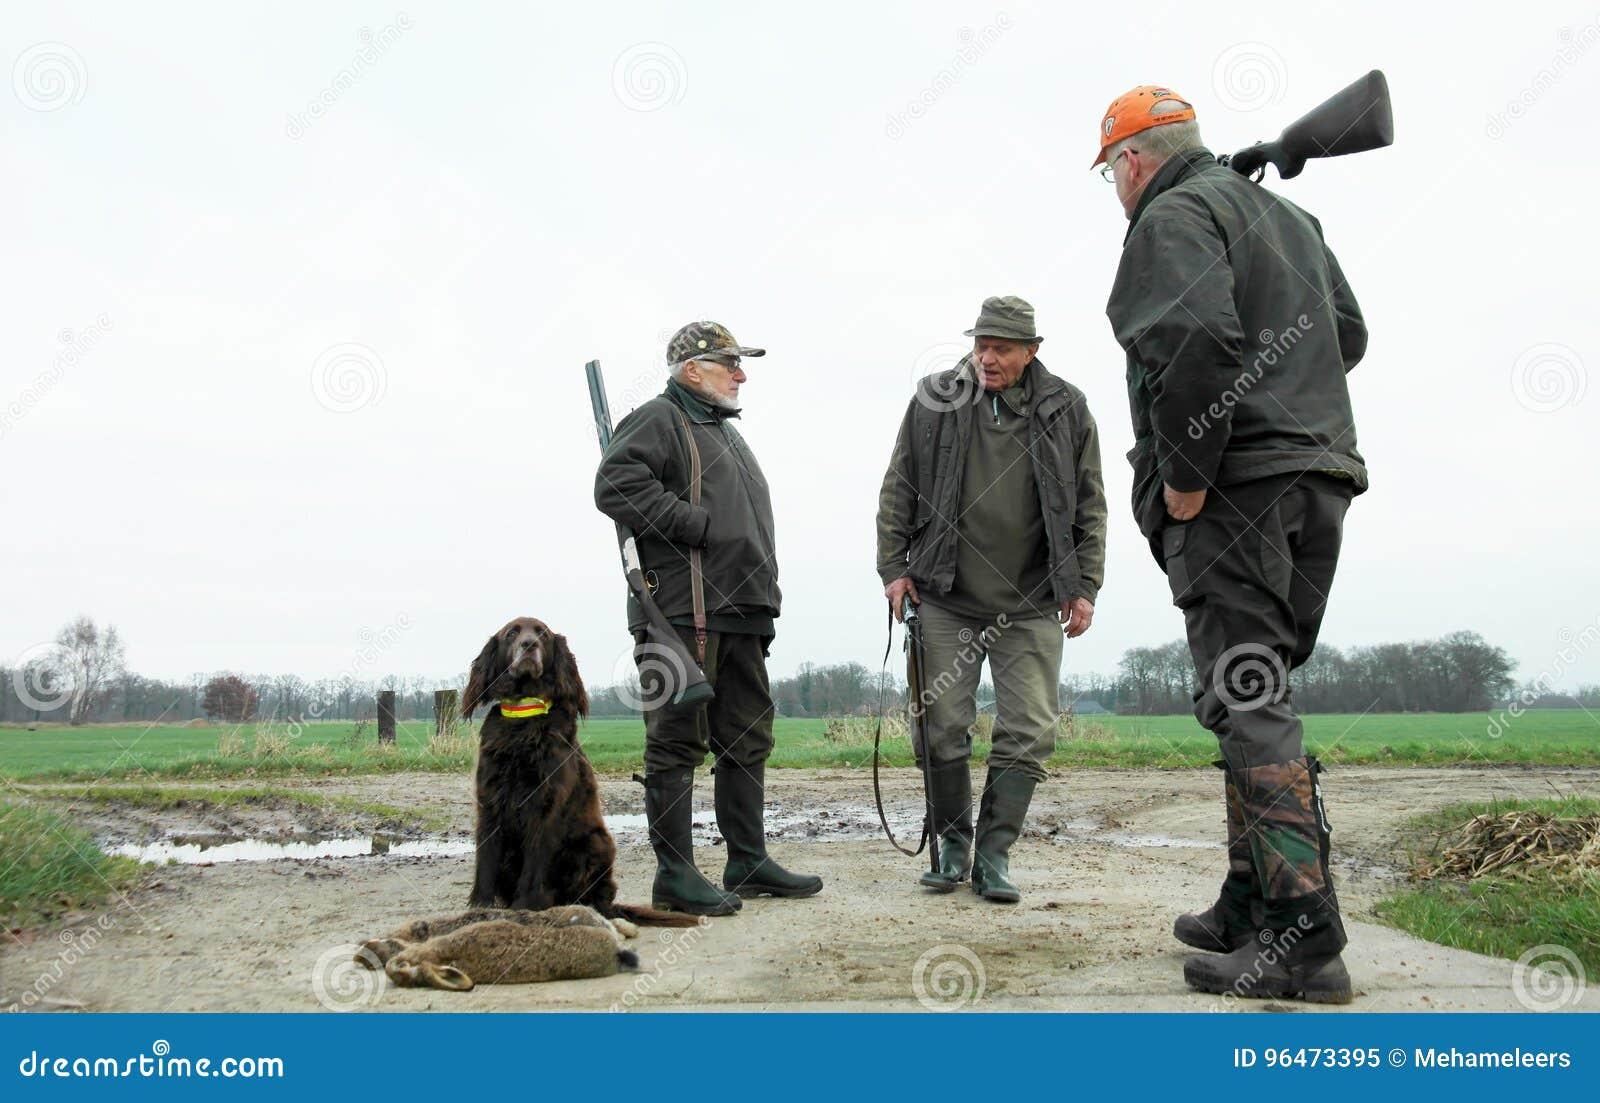 Trois chasseurs et chiens masculins avec des lièvres Point de vue inférieur Zone rurale Saison de l hiver Chien de chasse fier se